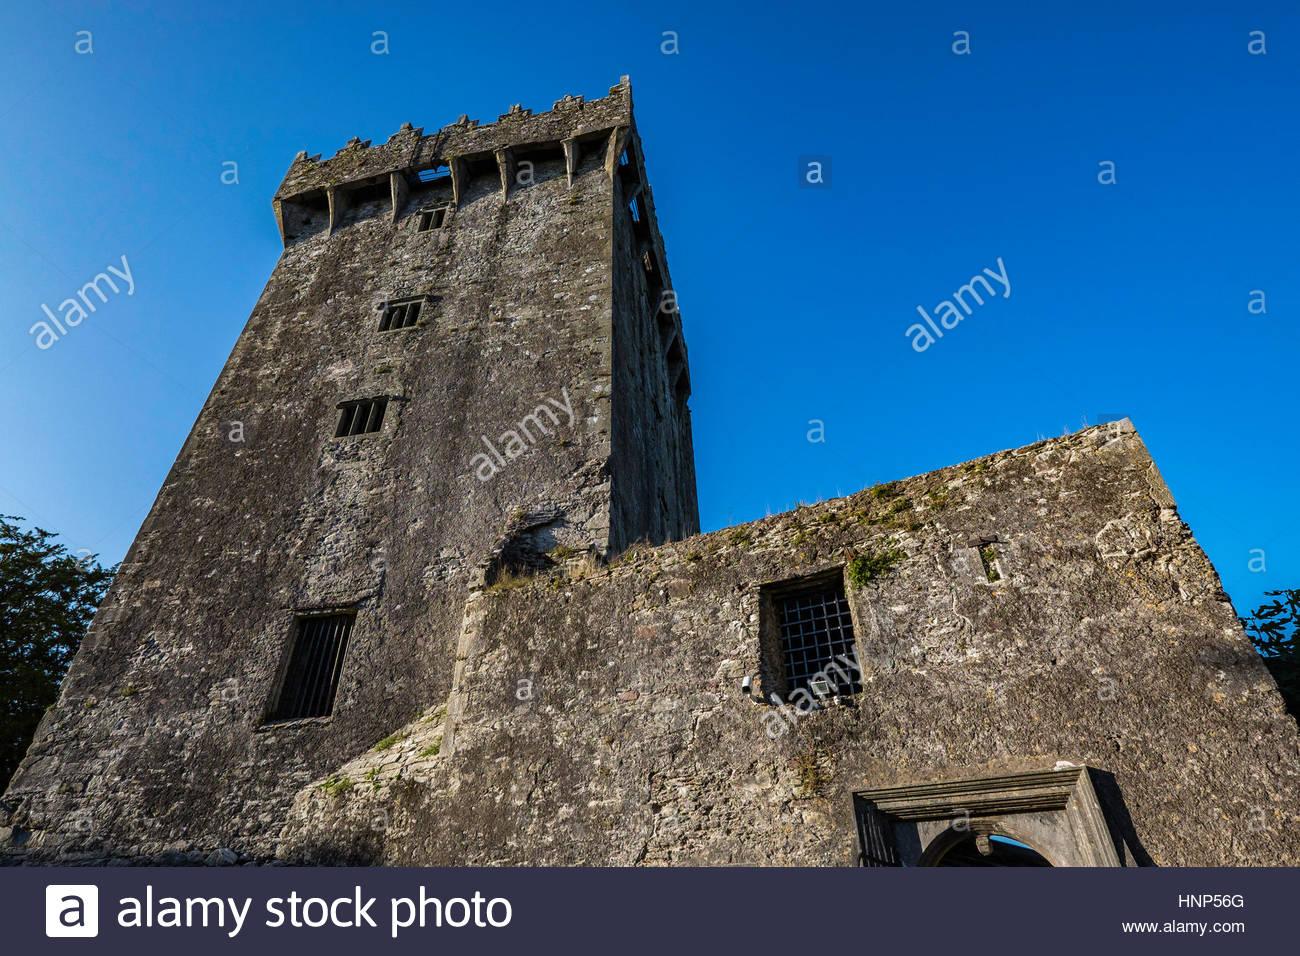 Blarney Stone, einen Block aus Karbon Kalkstein gebaut in der Festungsmauer des Blarney Castle, Blarney, Irland. Stockbild